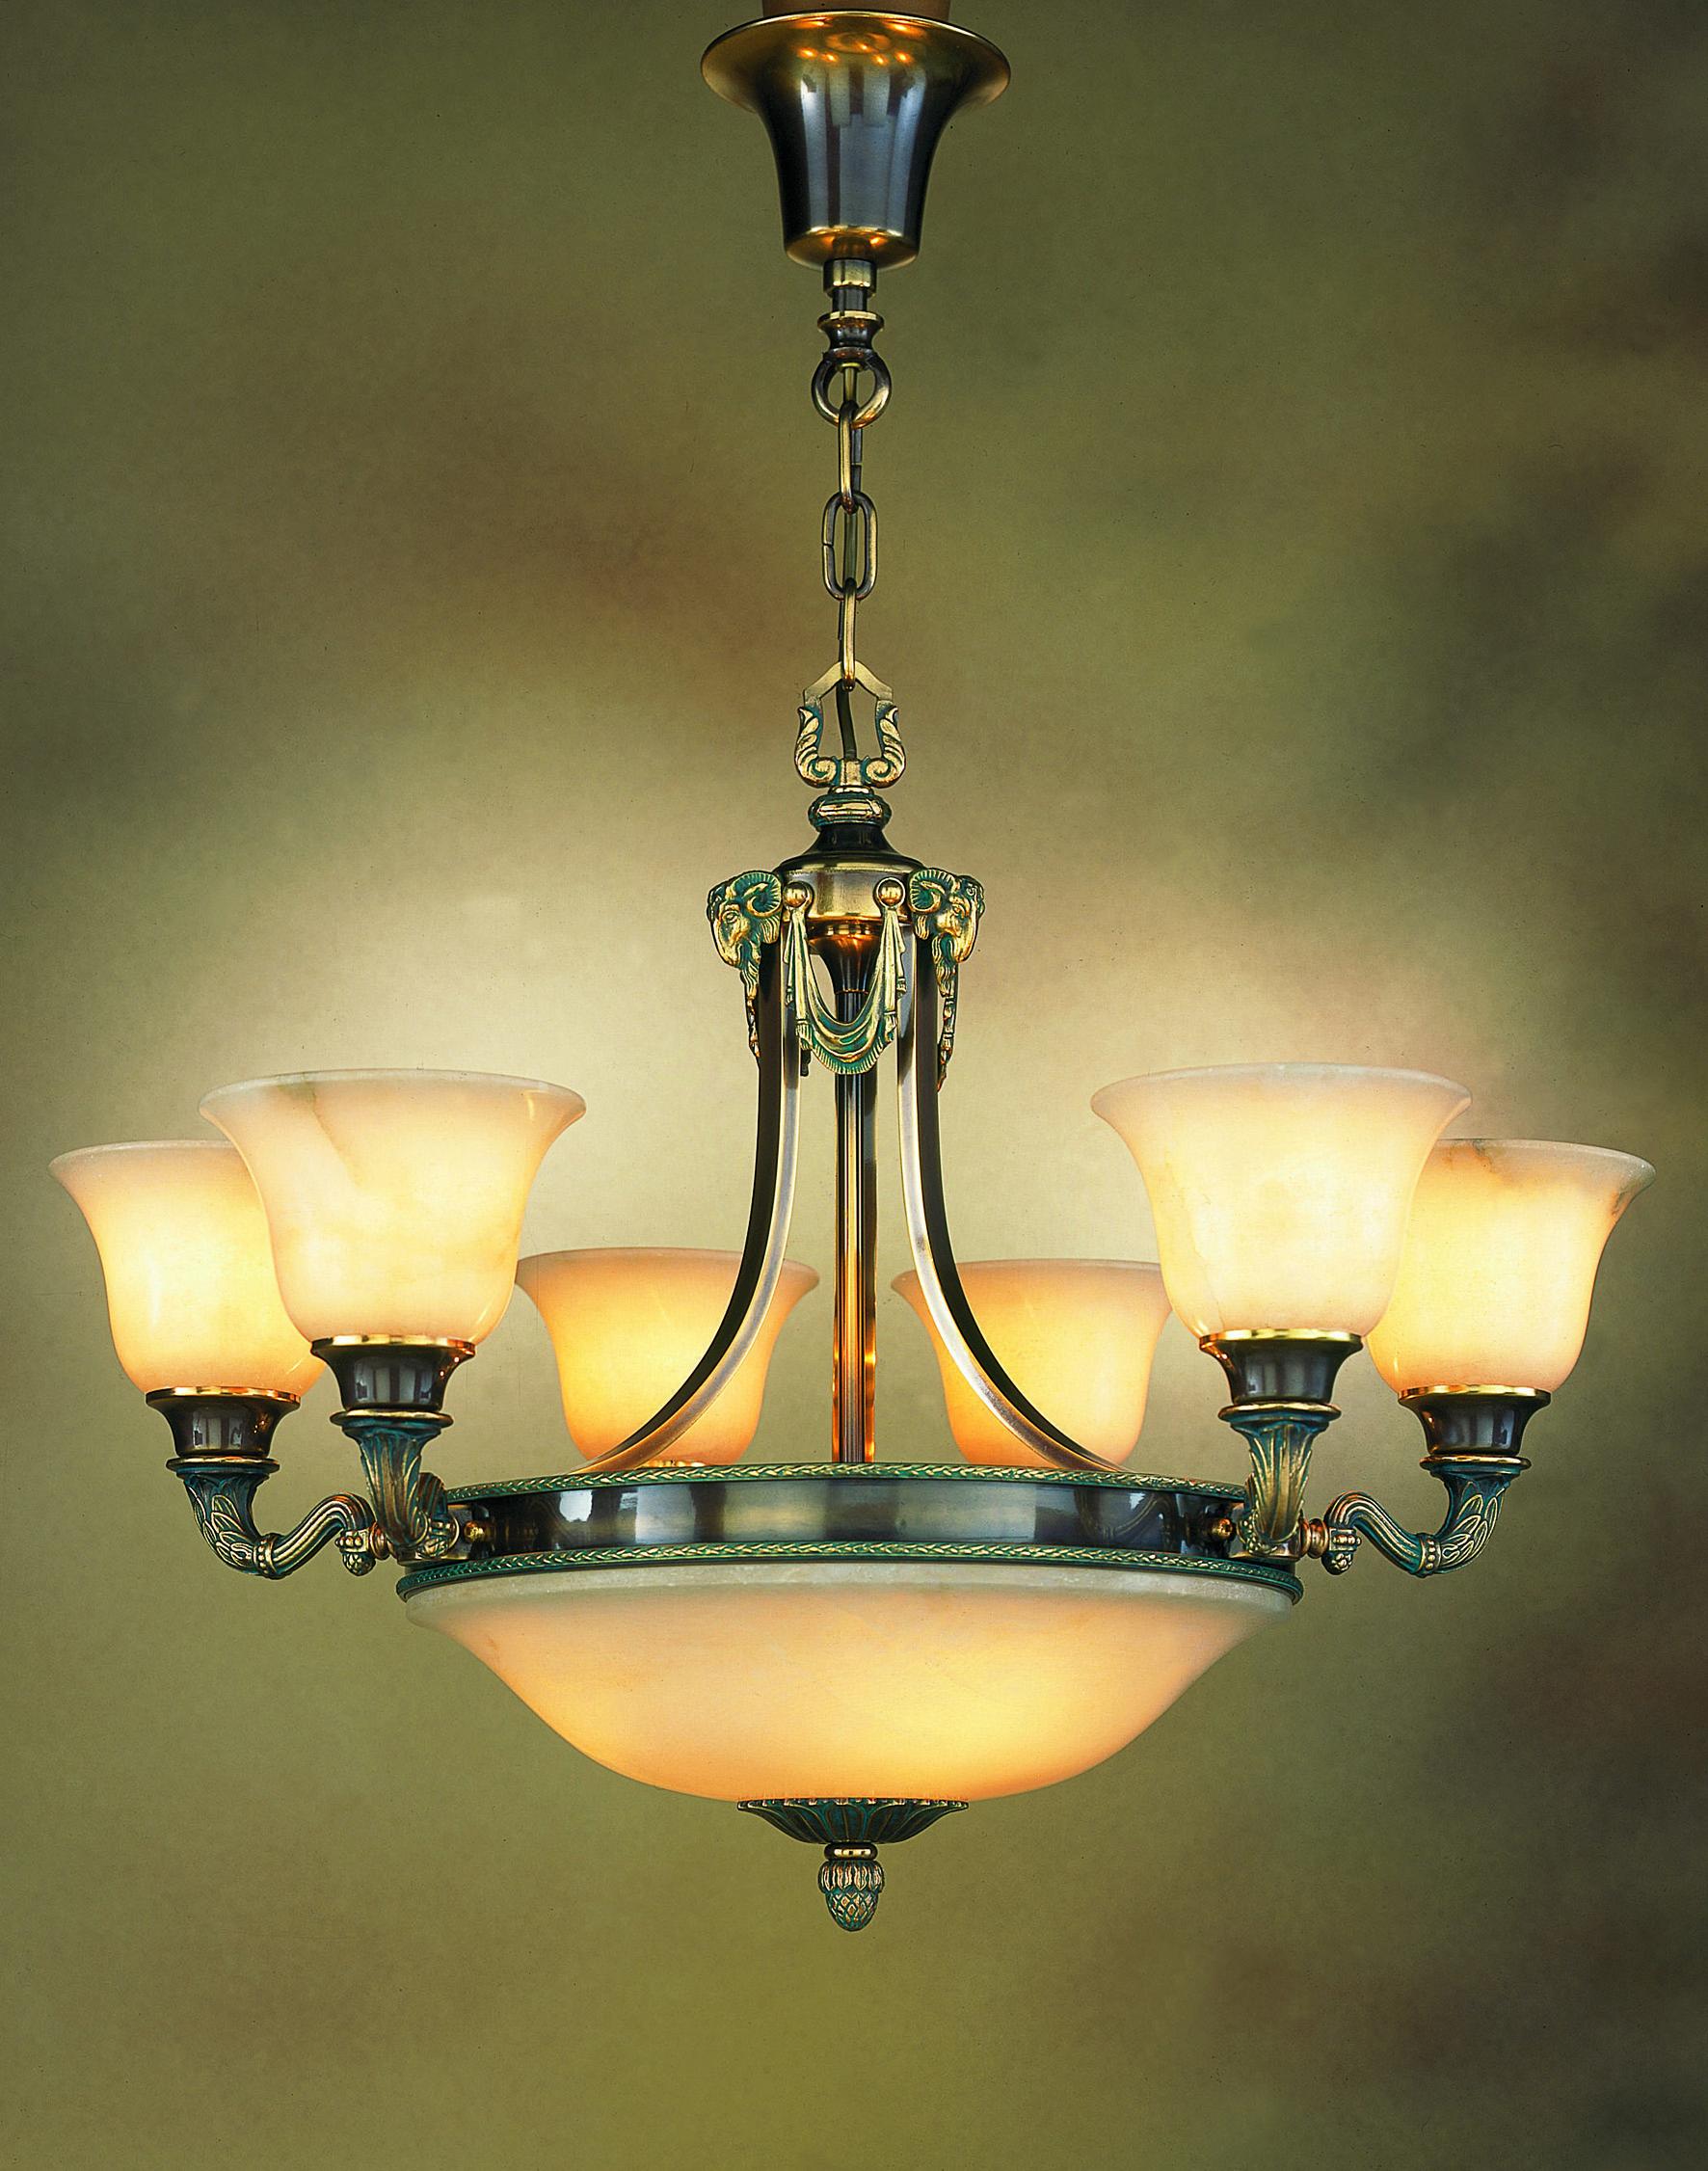 Royal heritage 9 light alabaster chandelier mariner royal heritage 9 light alabaster chandelier arubaitofo Choice Image